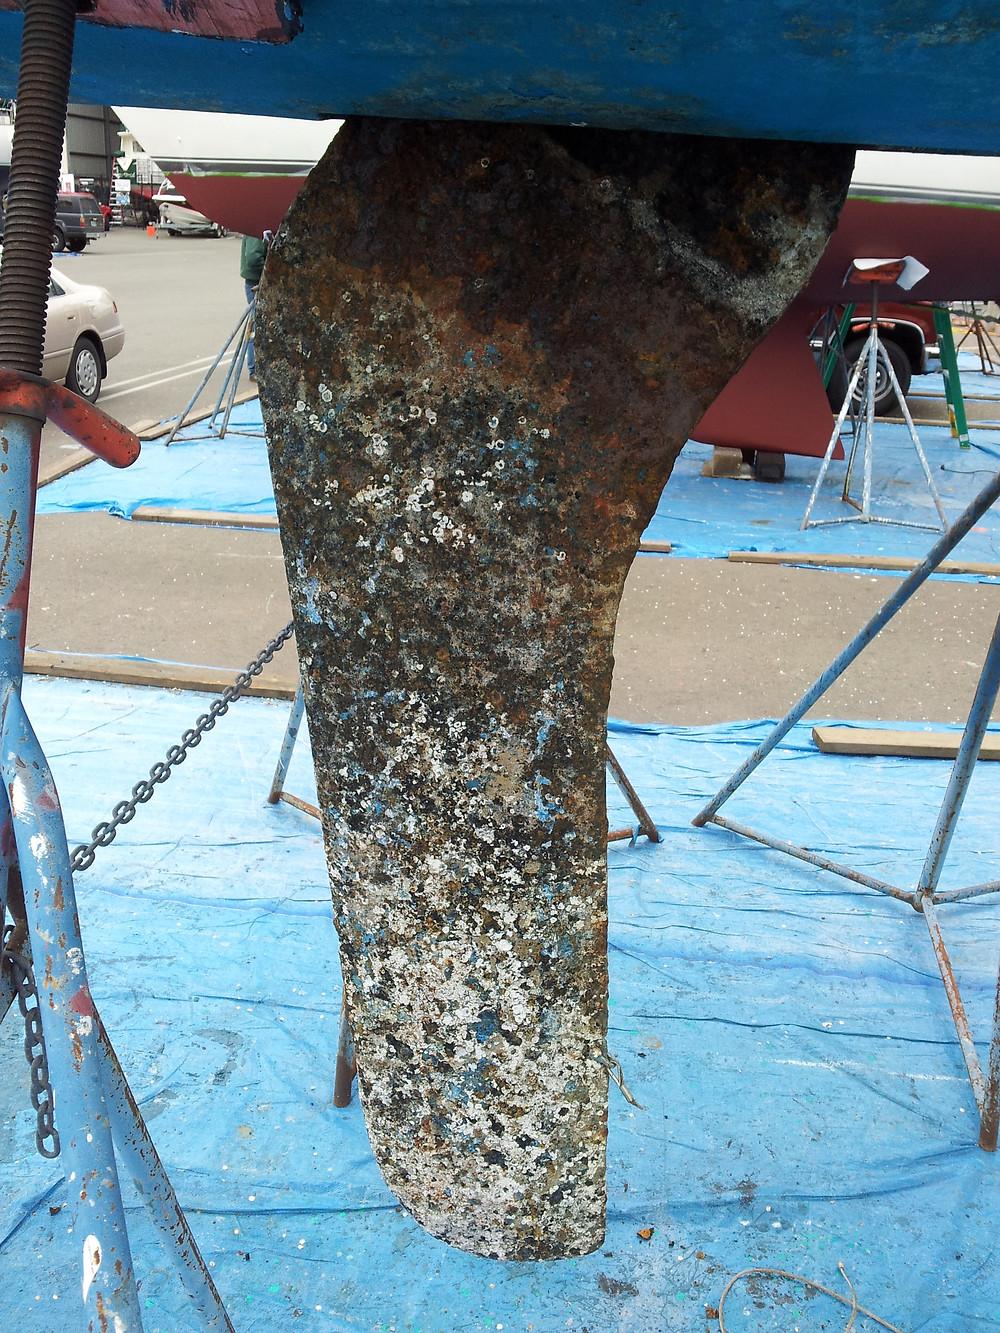 Keel repair on a 1977 Chrysler 22 sailboat